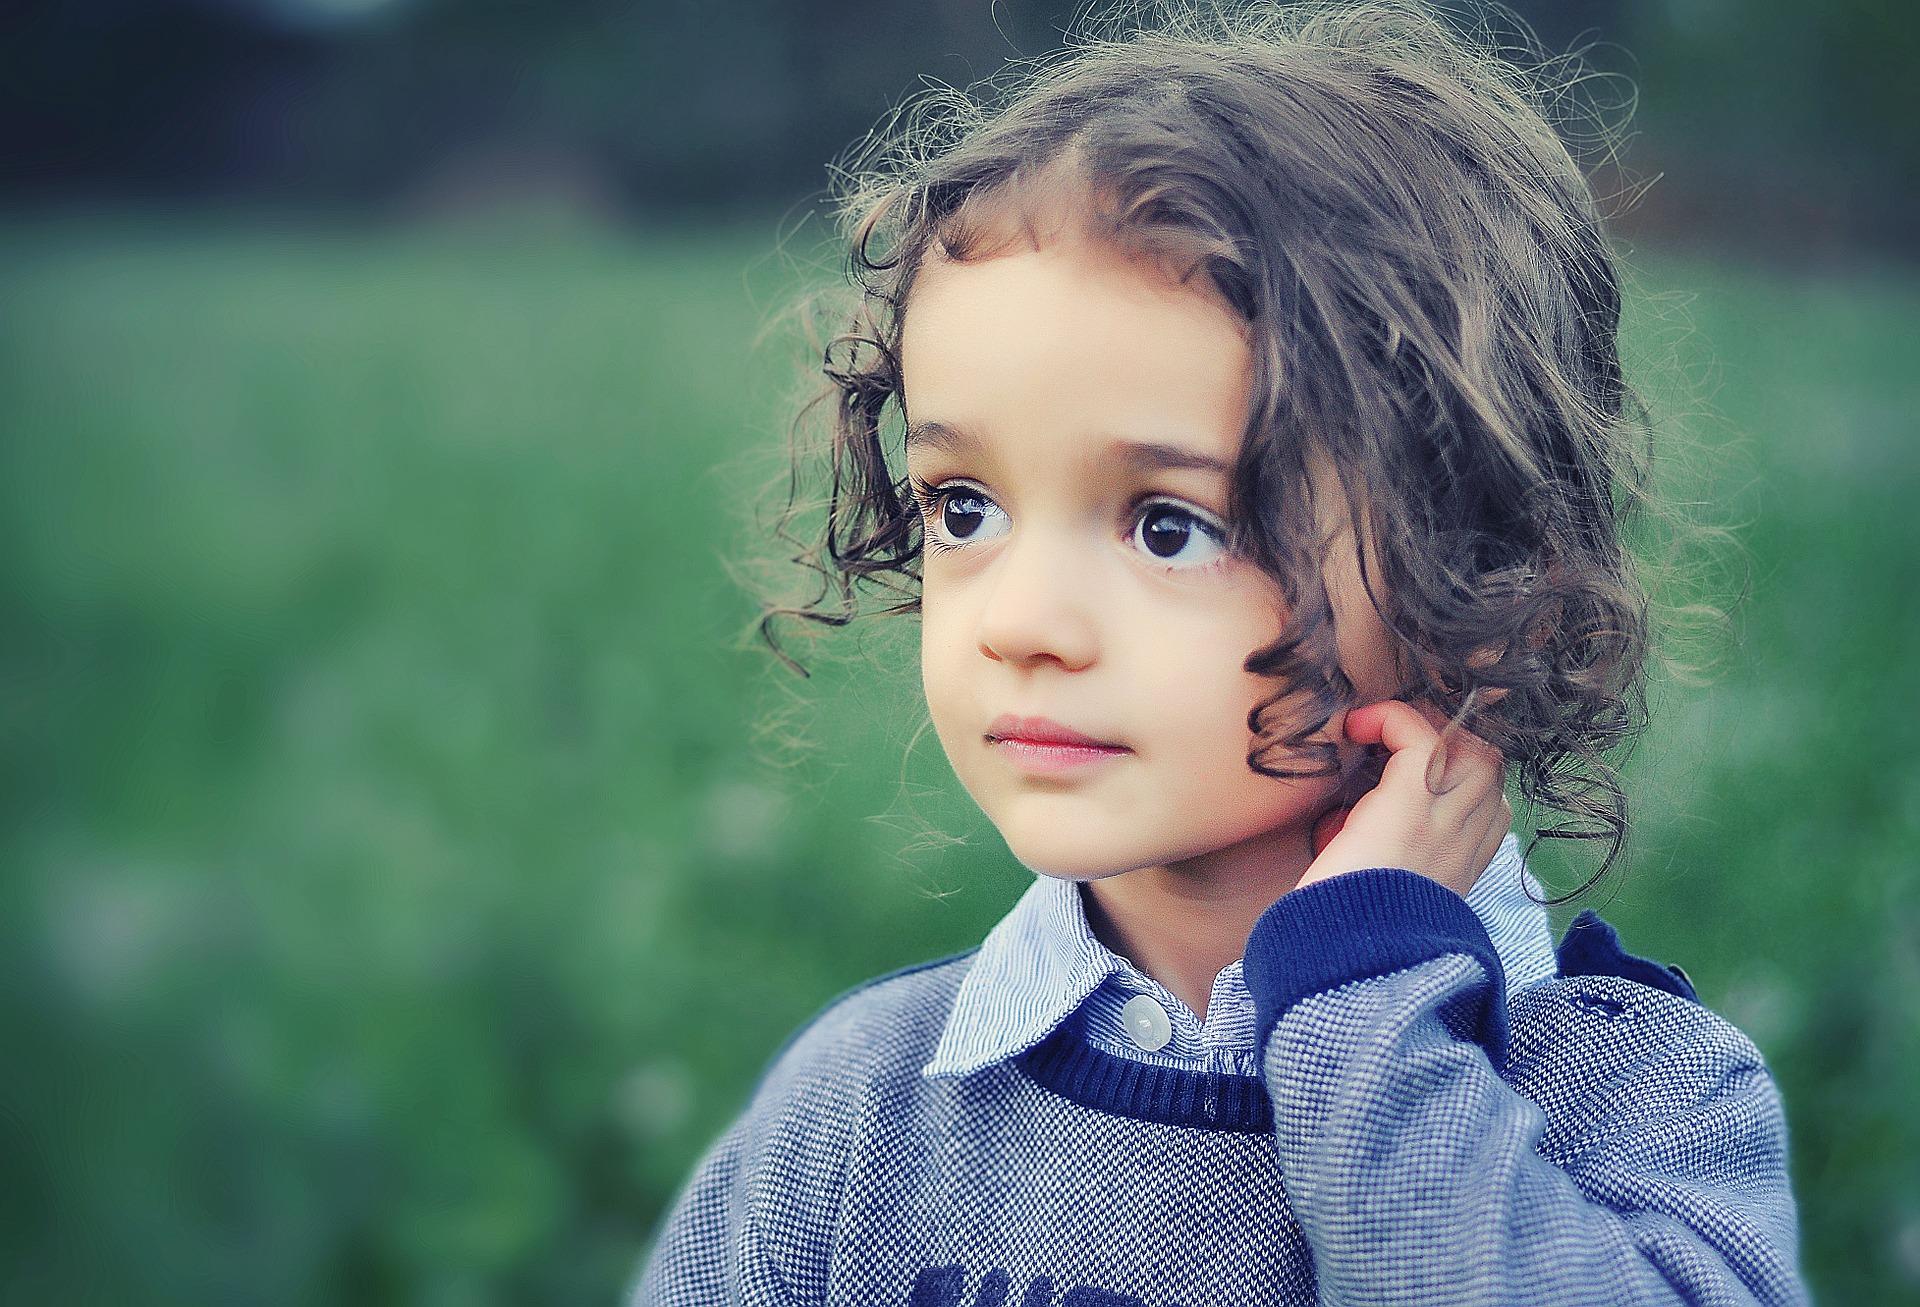 child-807547_1920